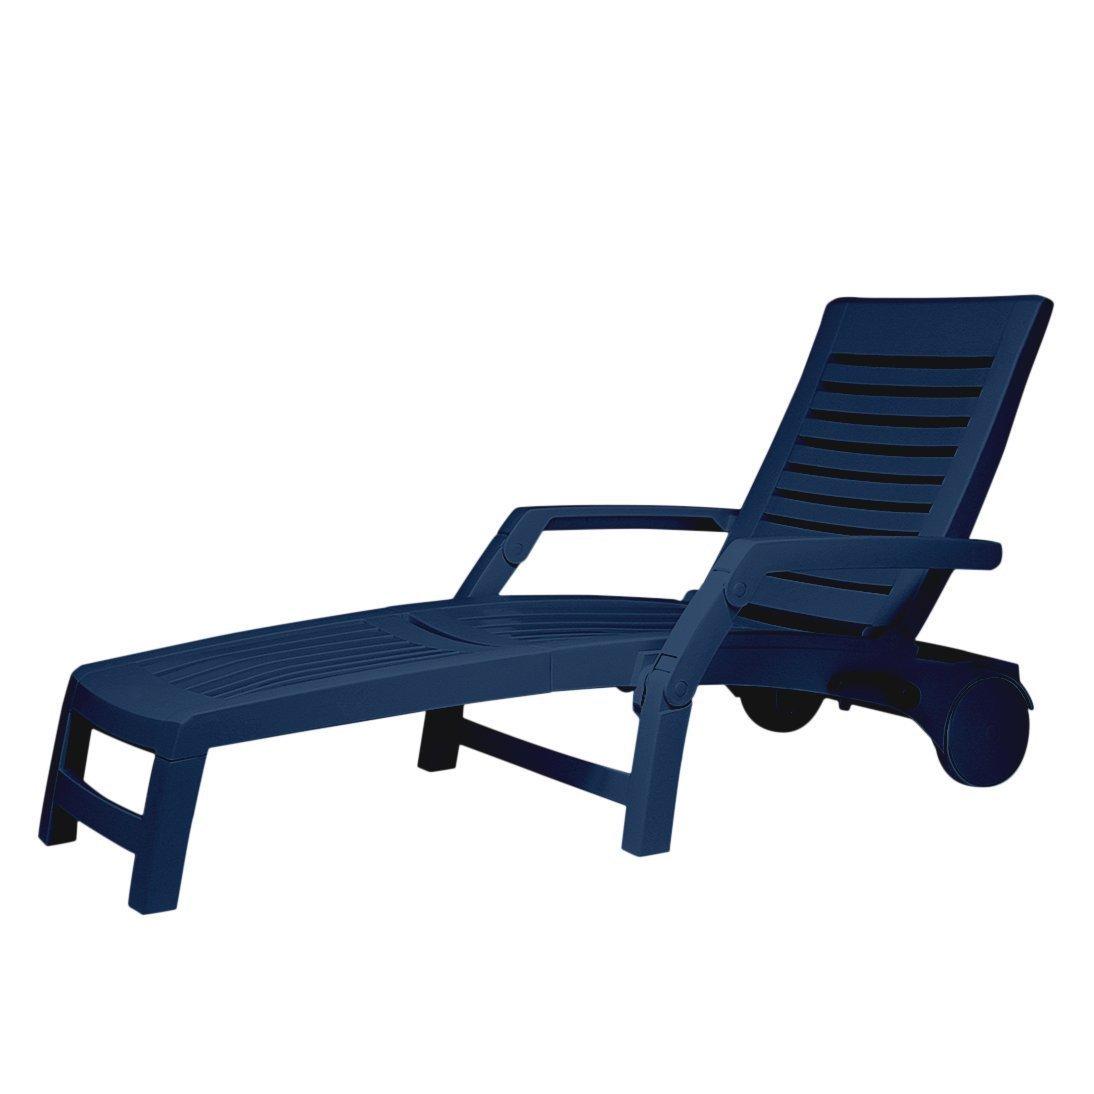 BEST 15400020 Rollliege Florida, blau günstig online kaufen